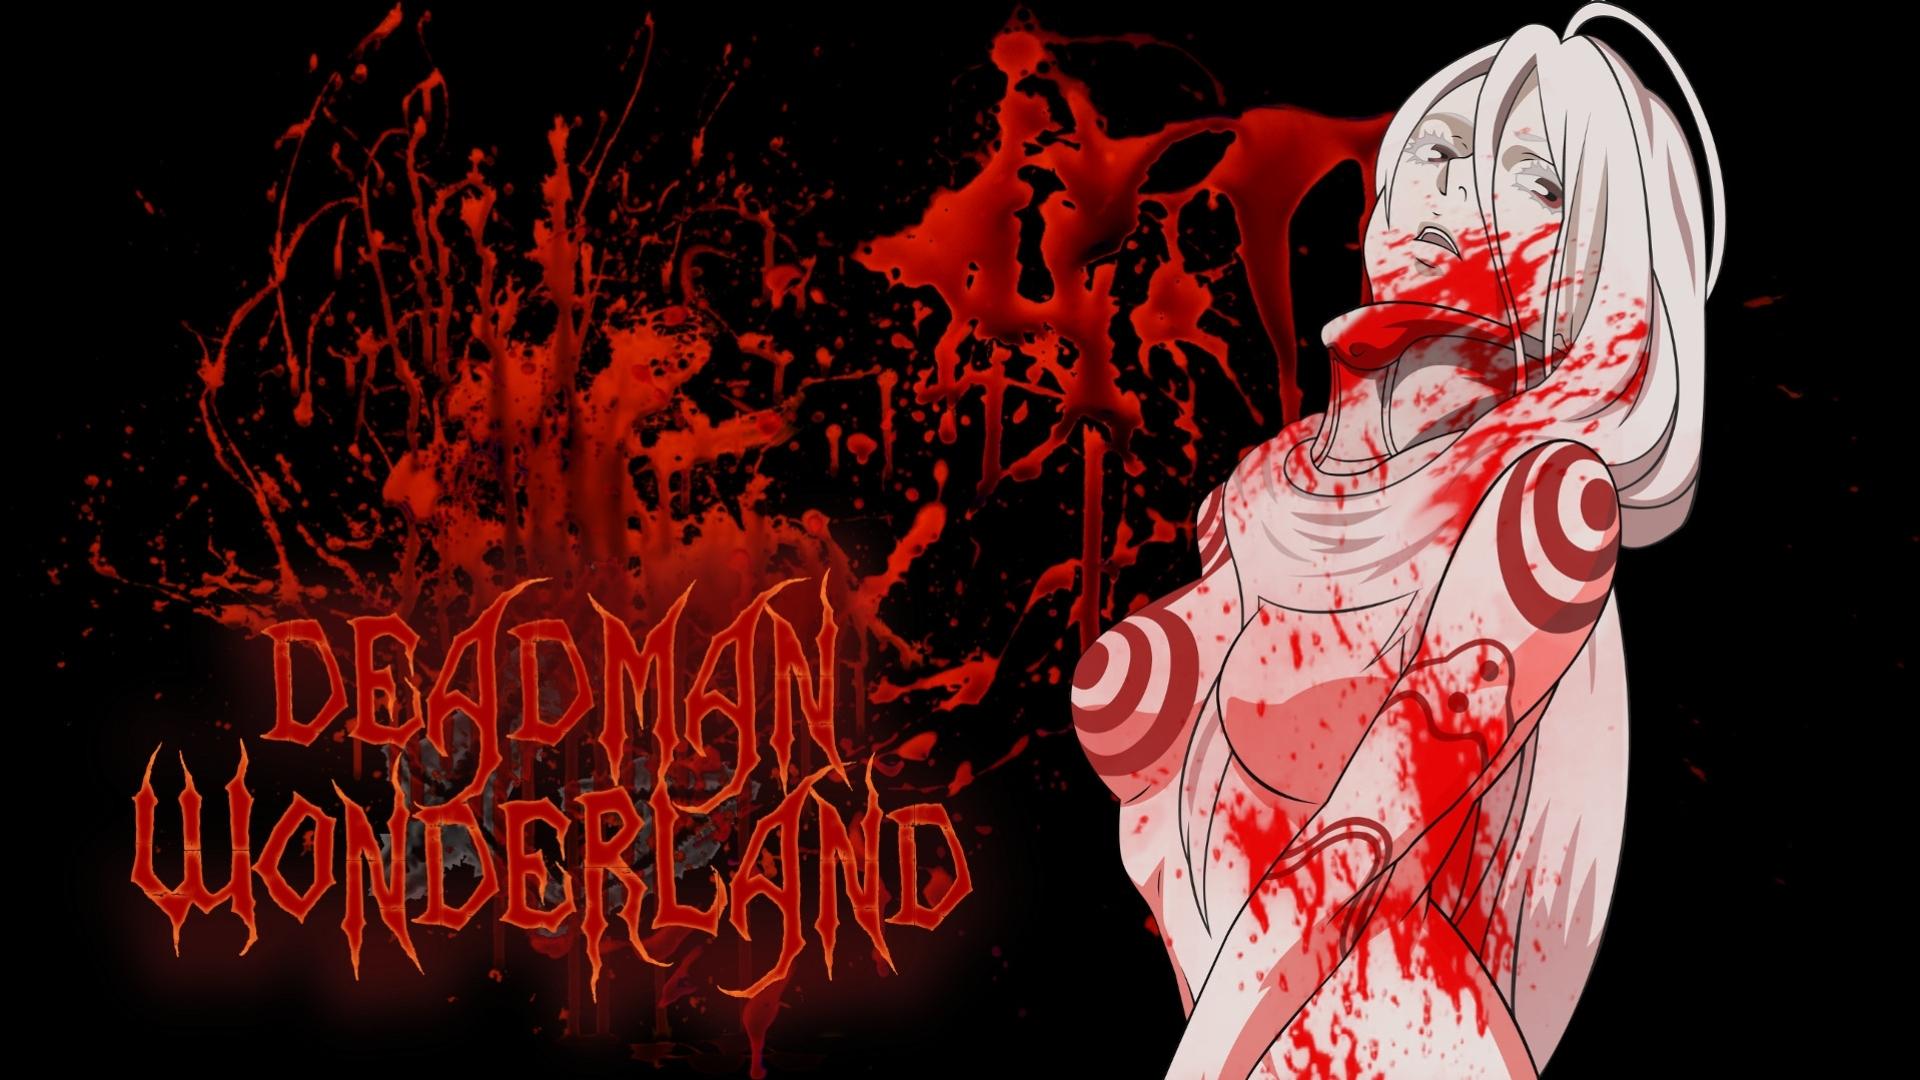 HQ Deadman Wonderland Wallpapers | File 846.09Kb